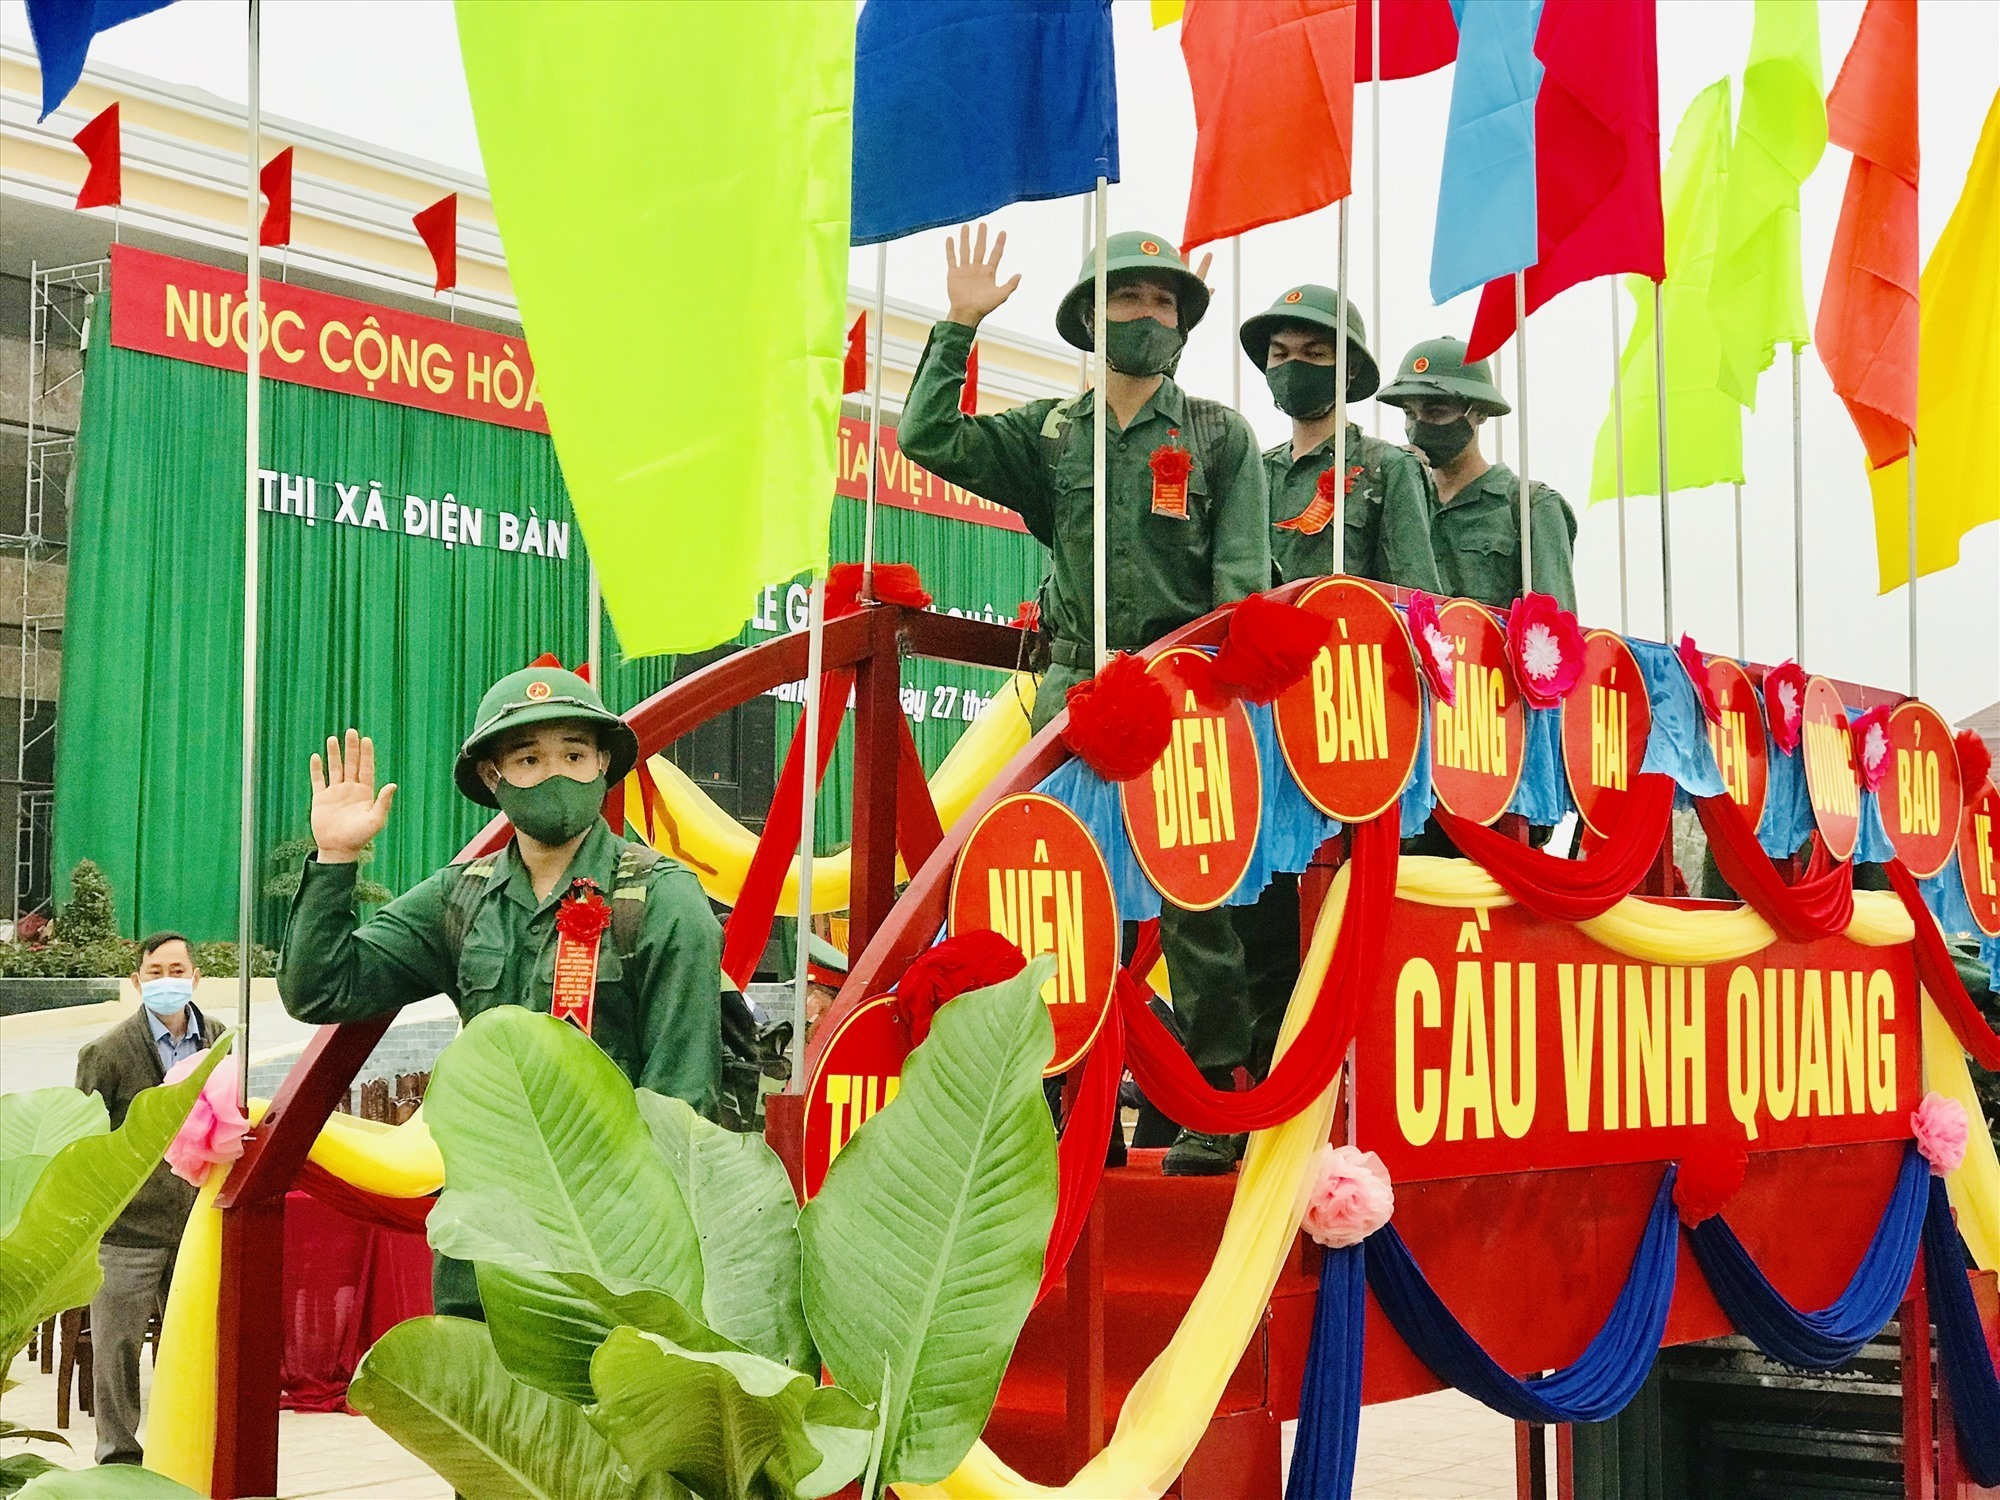 Tân binh thị xã Điện Bàn bước qua cầu vinh quang lên đường nhập ngũ. Ảnh: QUỐC TUẤN